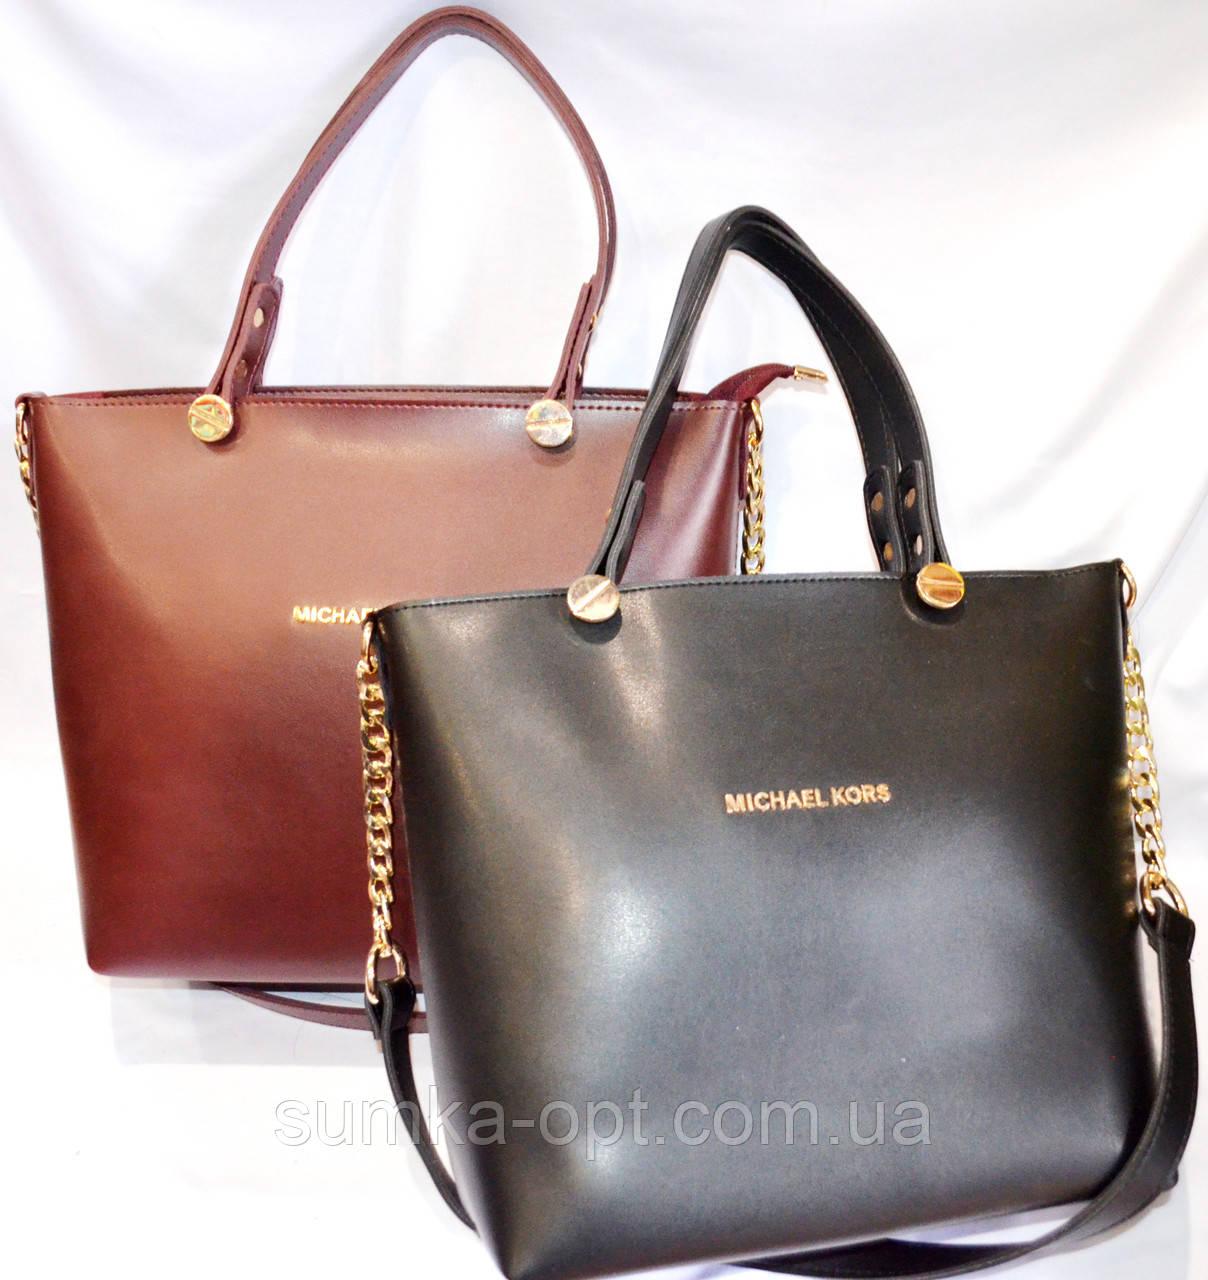 Брендові жіночі сумки МК еко-шкіра (2 кольори)26*28